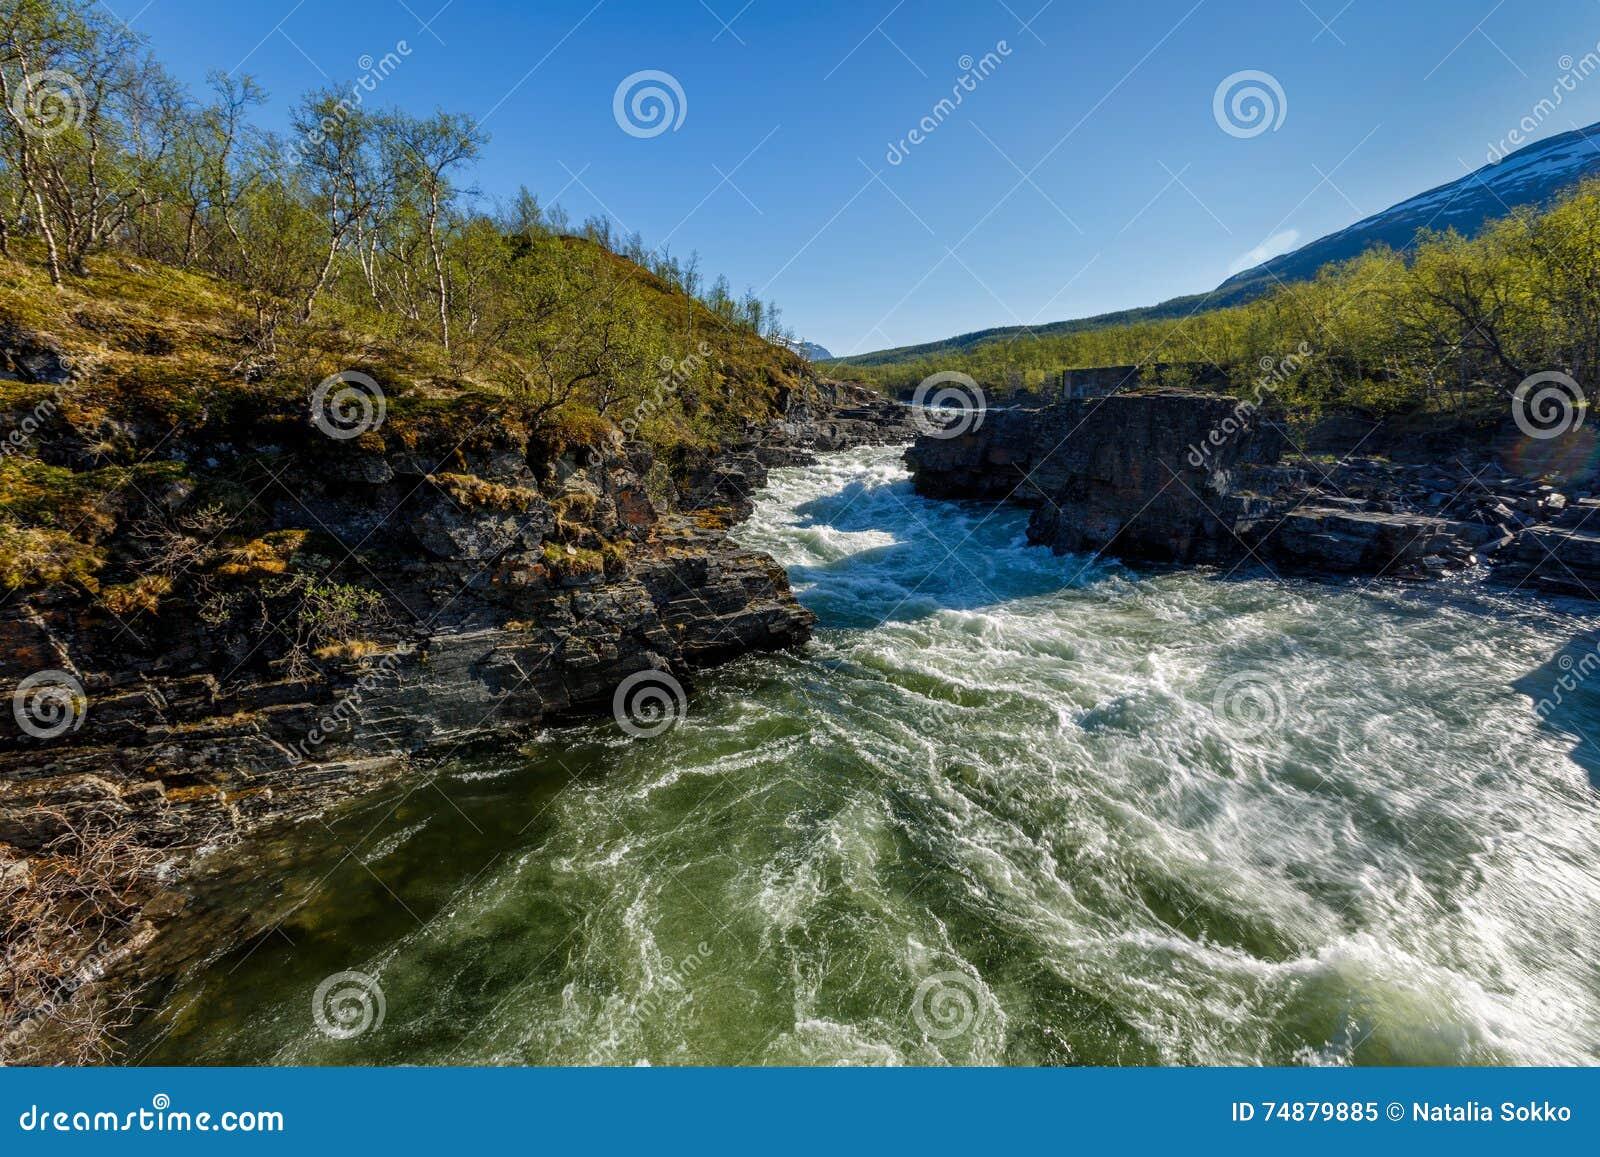 Όμορφο τοπίο με τον ποταμό και το φαράγγι